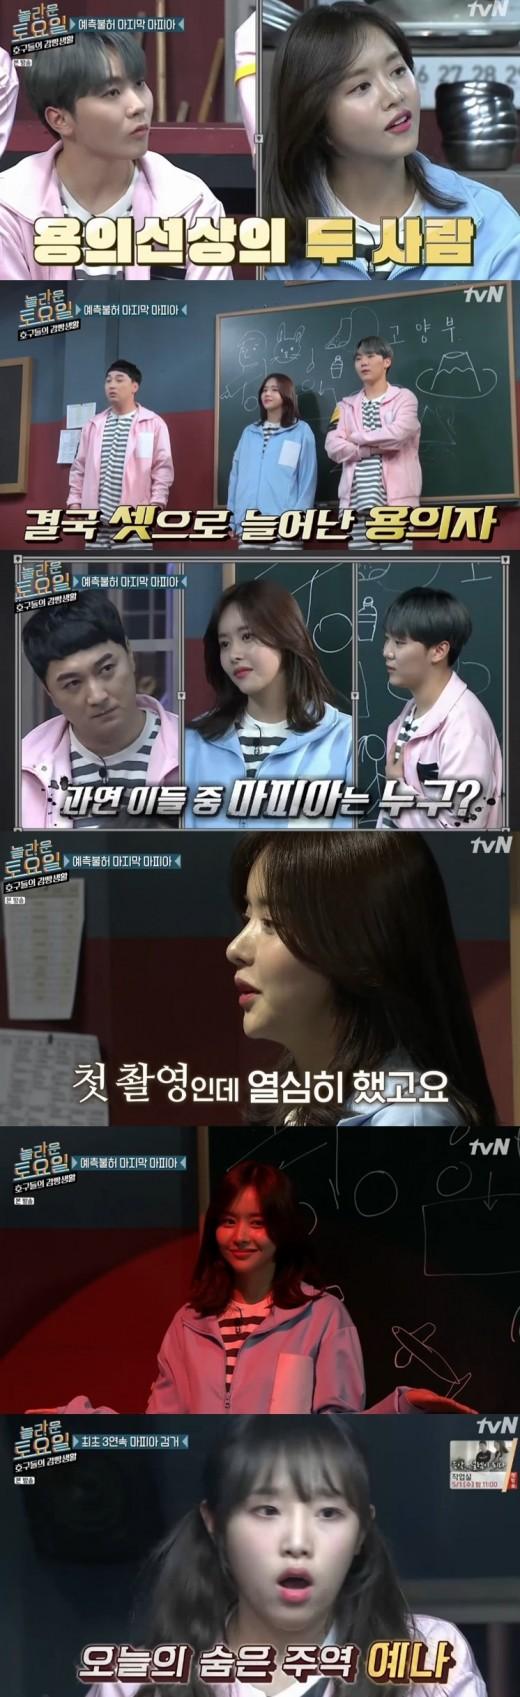 '감빵생활' 신입 한보름, 마피아였다 '모범수 승리'